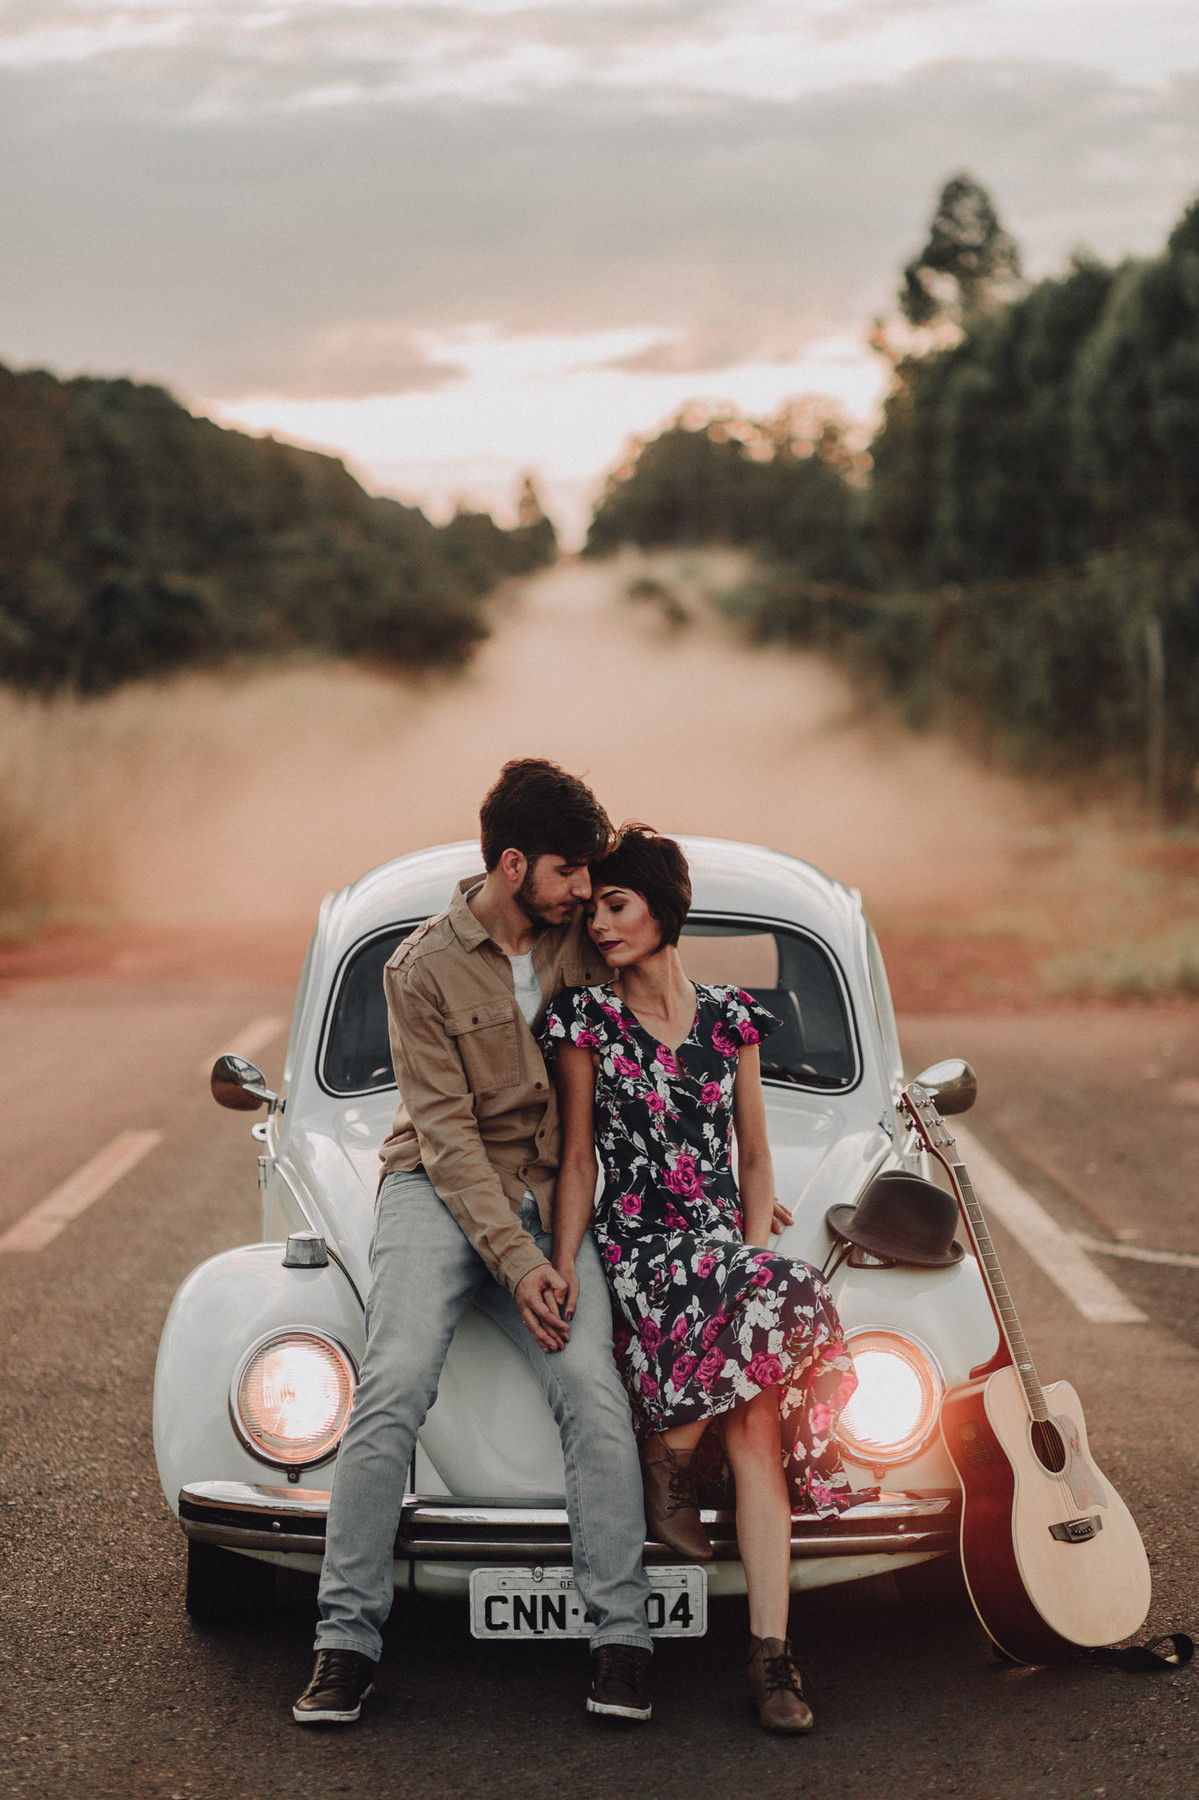 Casal abraçado em capô de fusca em estrada em Brasília. Foto feita pelo fotógrafo de casamento Gabriel Pelaquim.